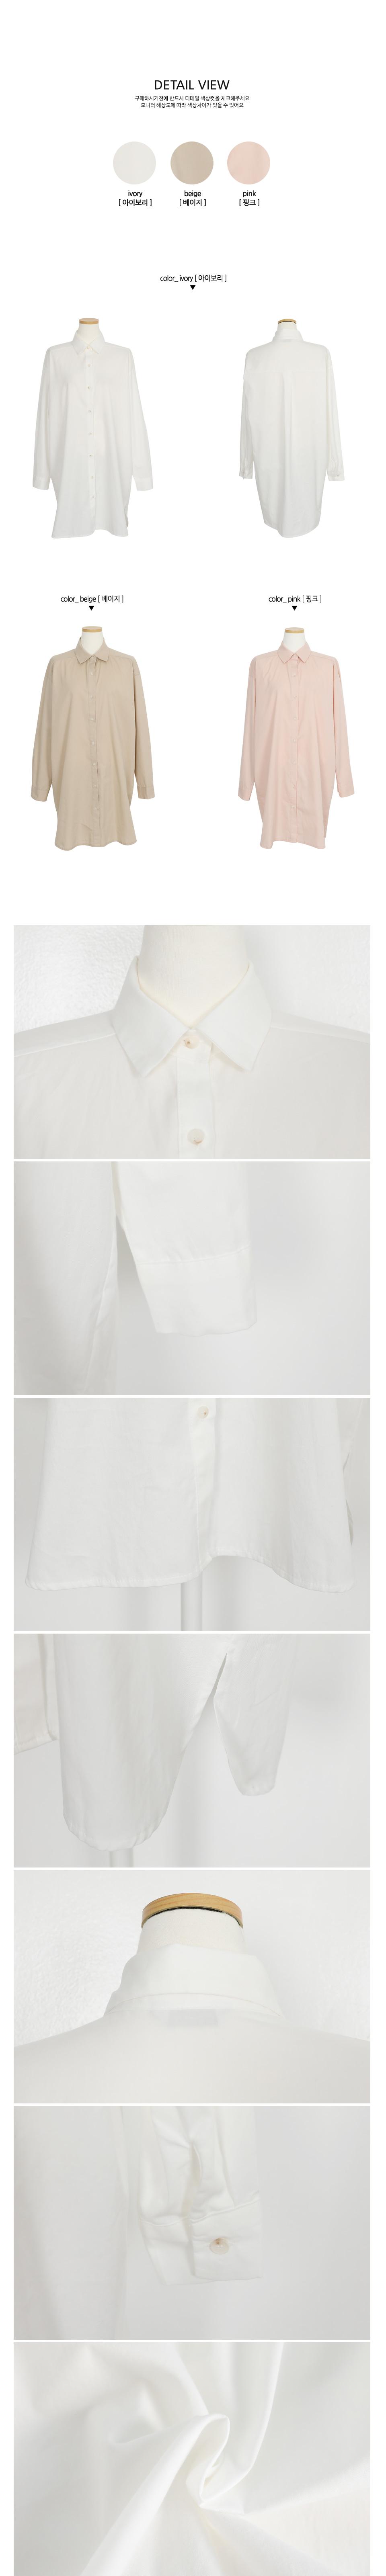 모린셔츠원피스(3color/키작녀추천♥)